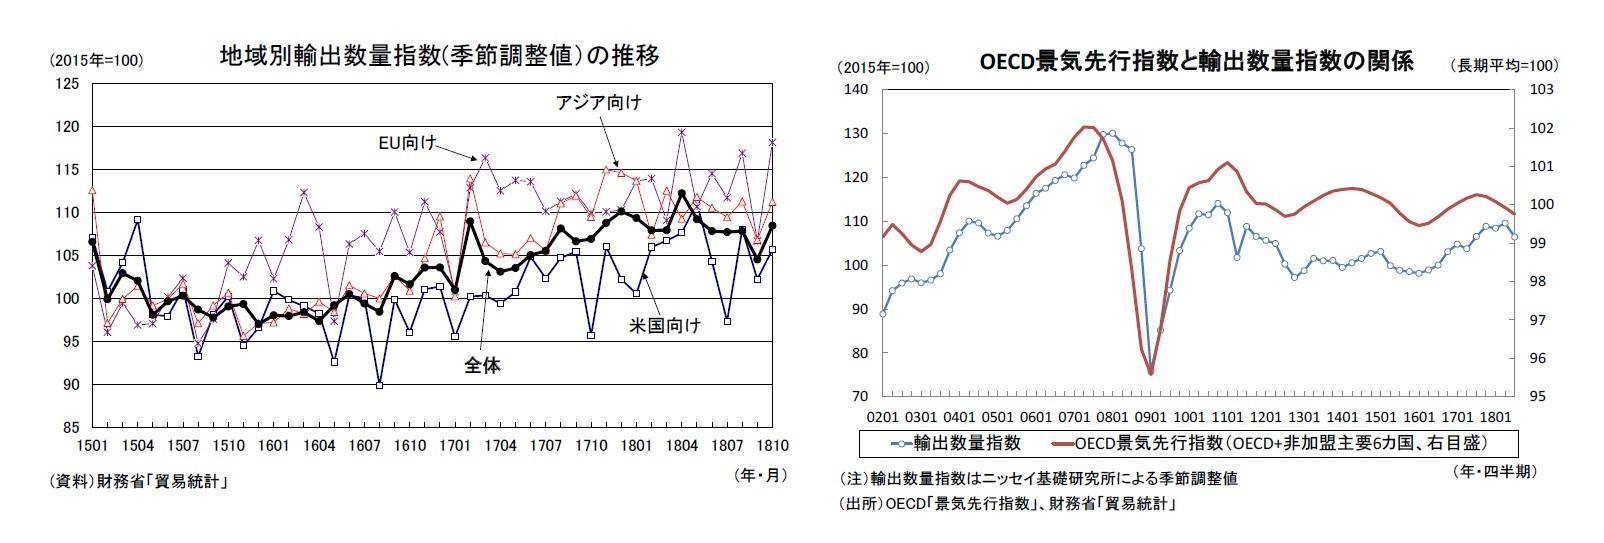 地域別輸出数量指数(季節調整値)の推移/OECD景気先行指数と輸出数量指数の関係